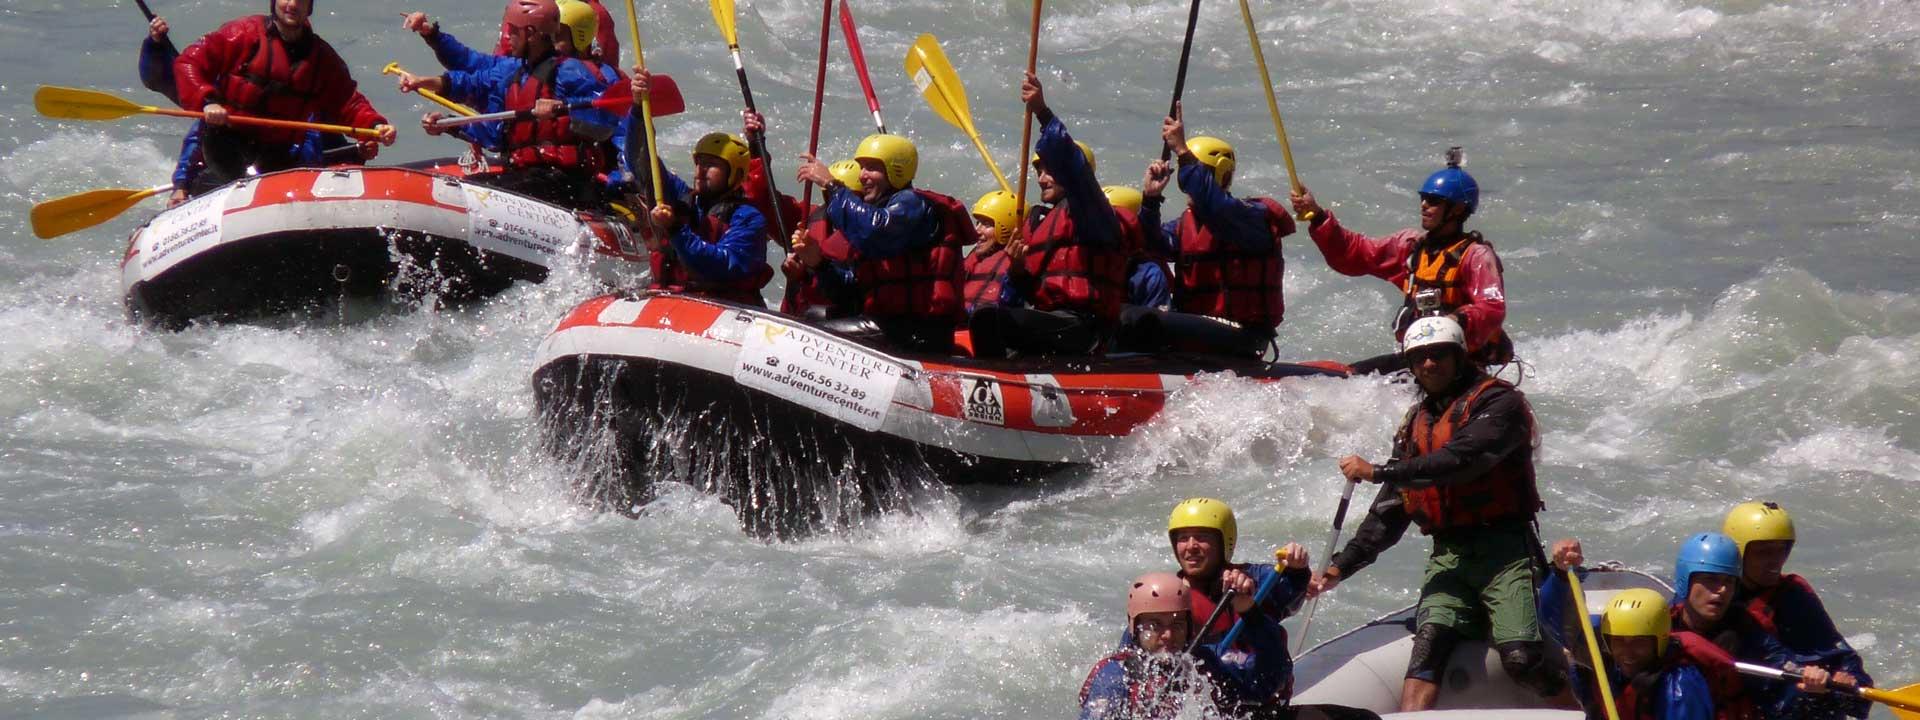 rafting slide 2